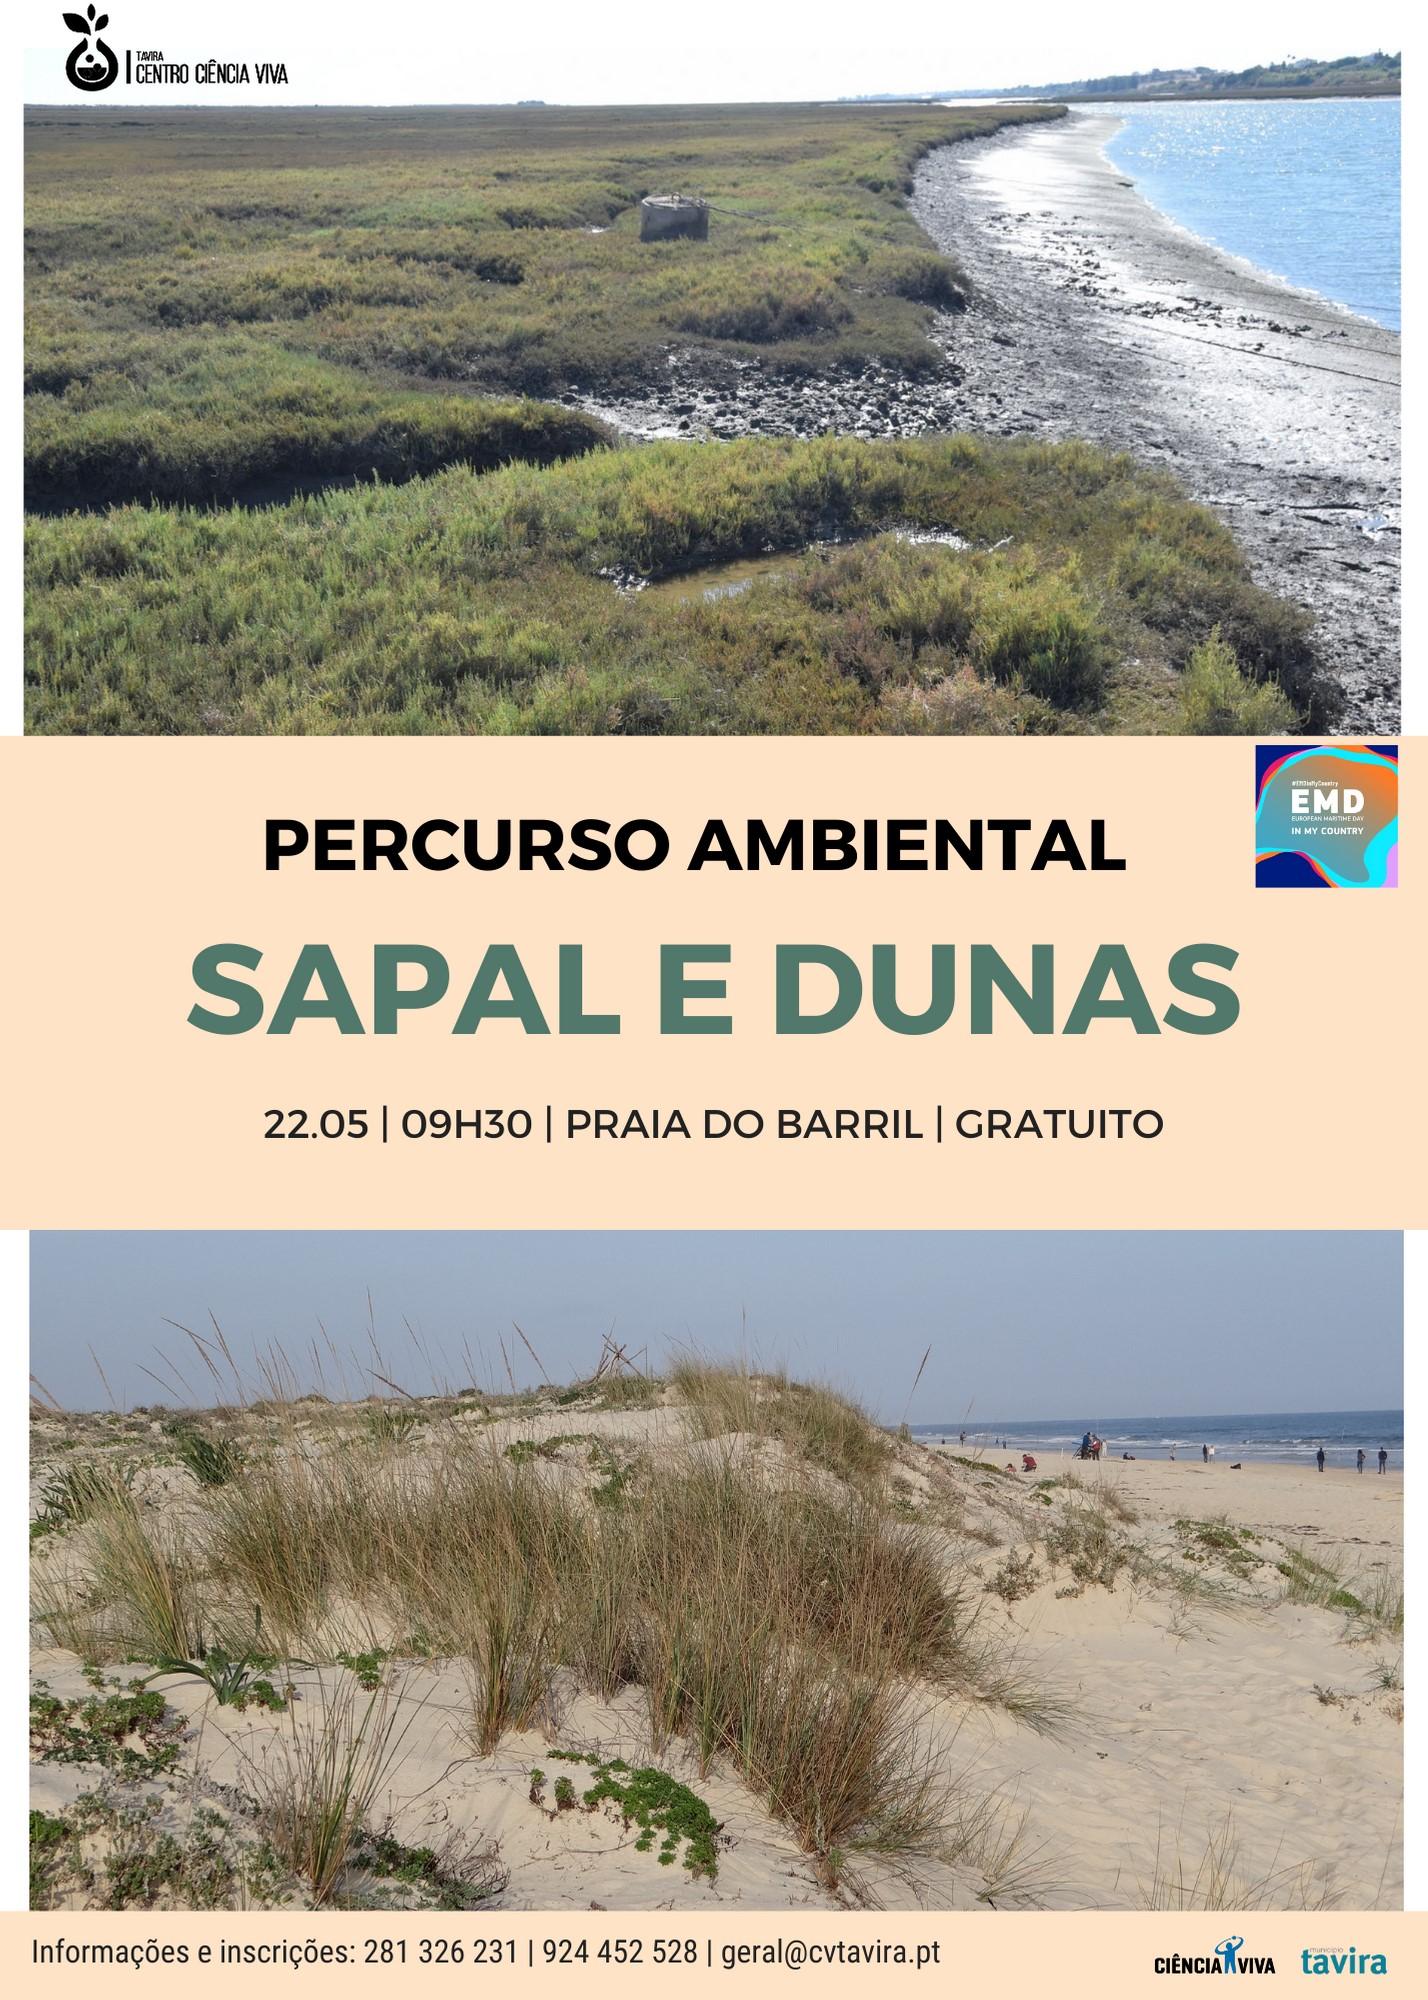 Percurso Sapal e Dunas